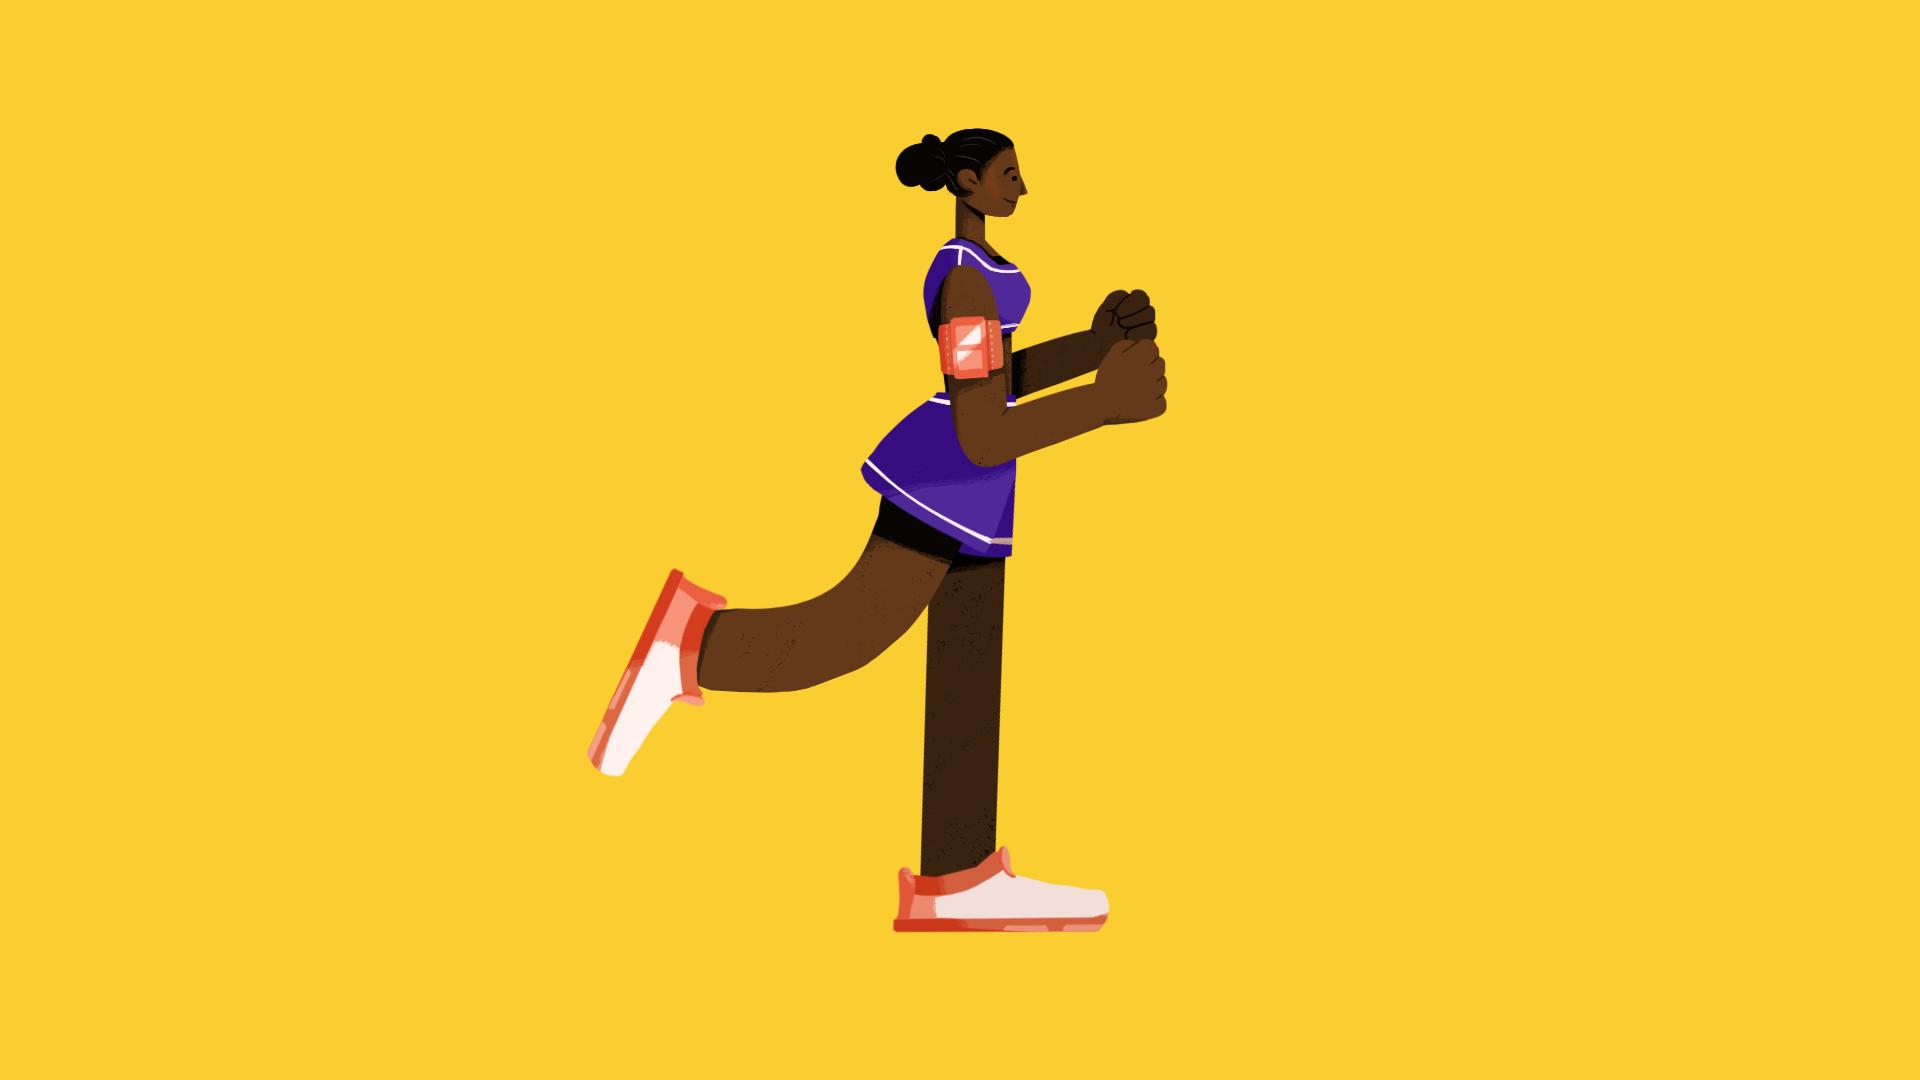 walking-gals-jogging-02.png